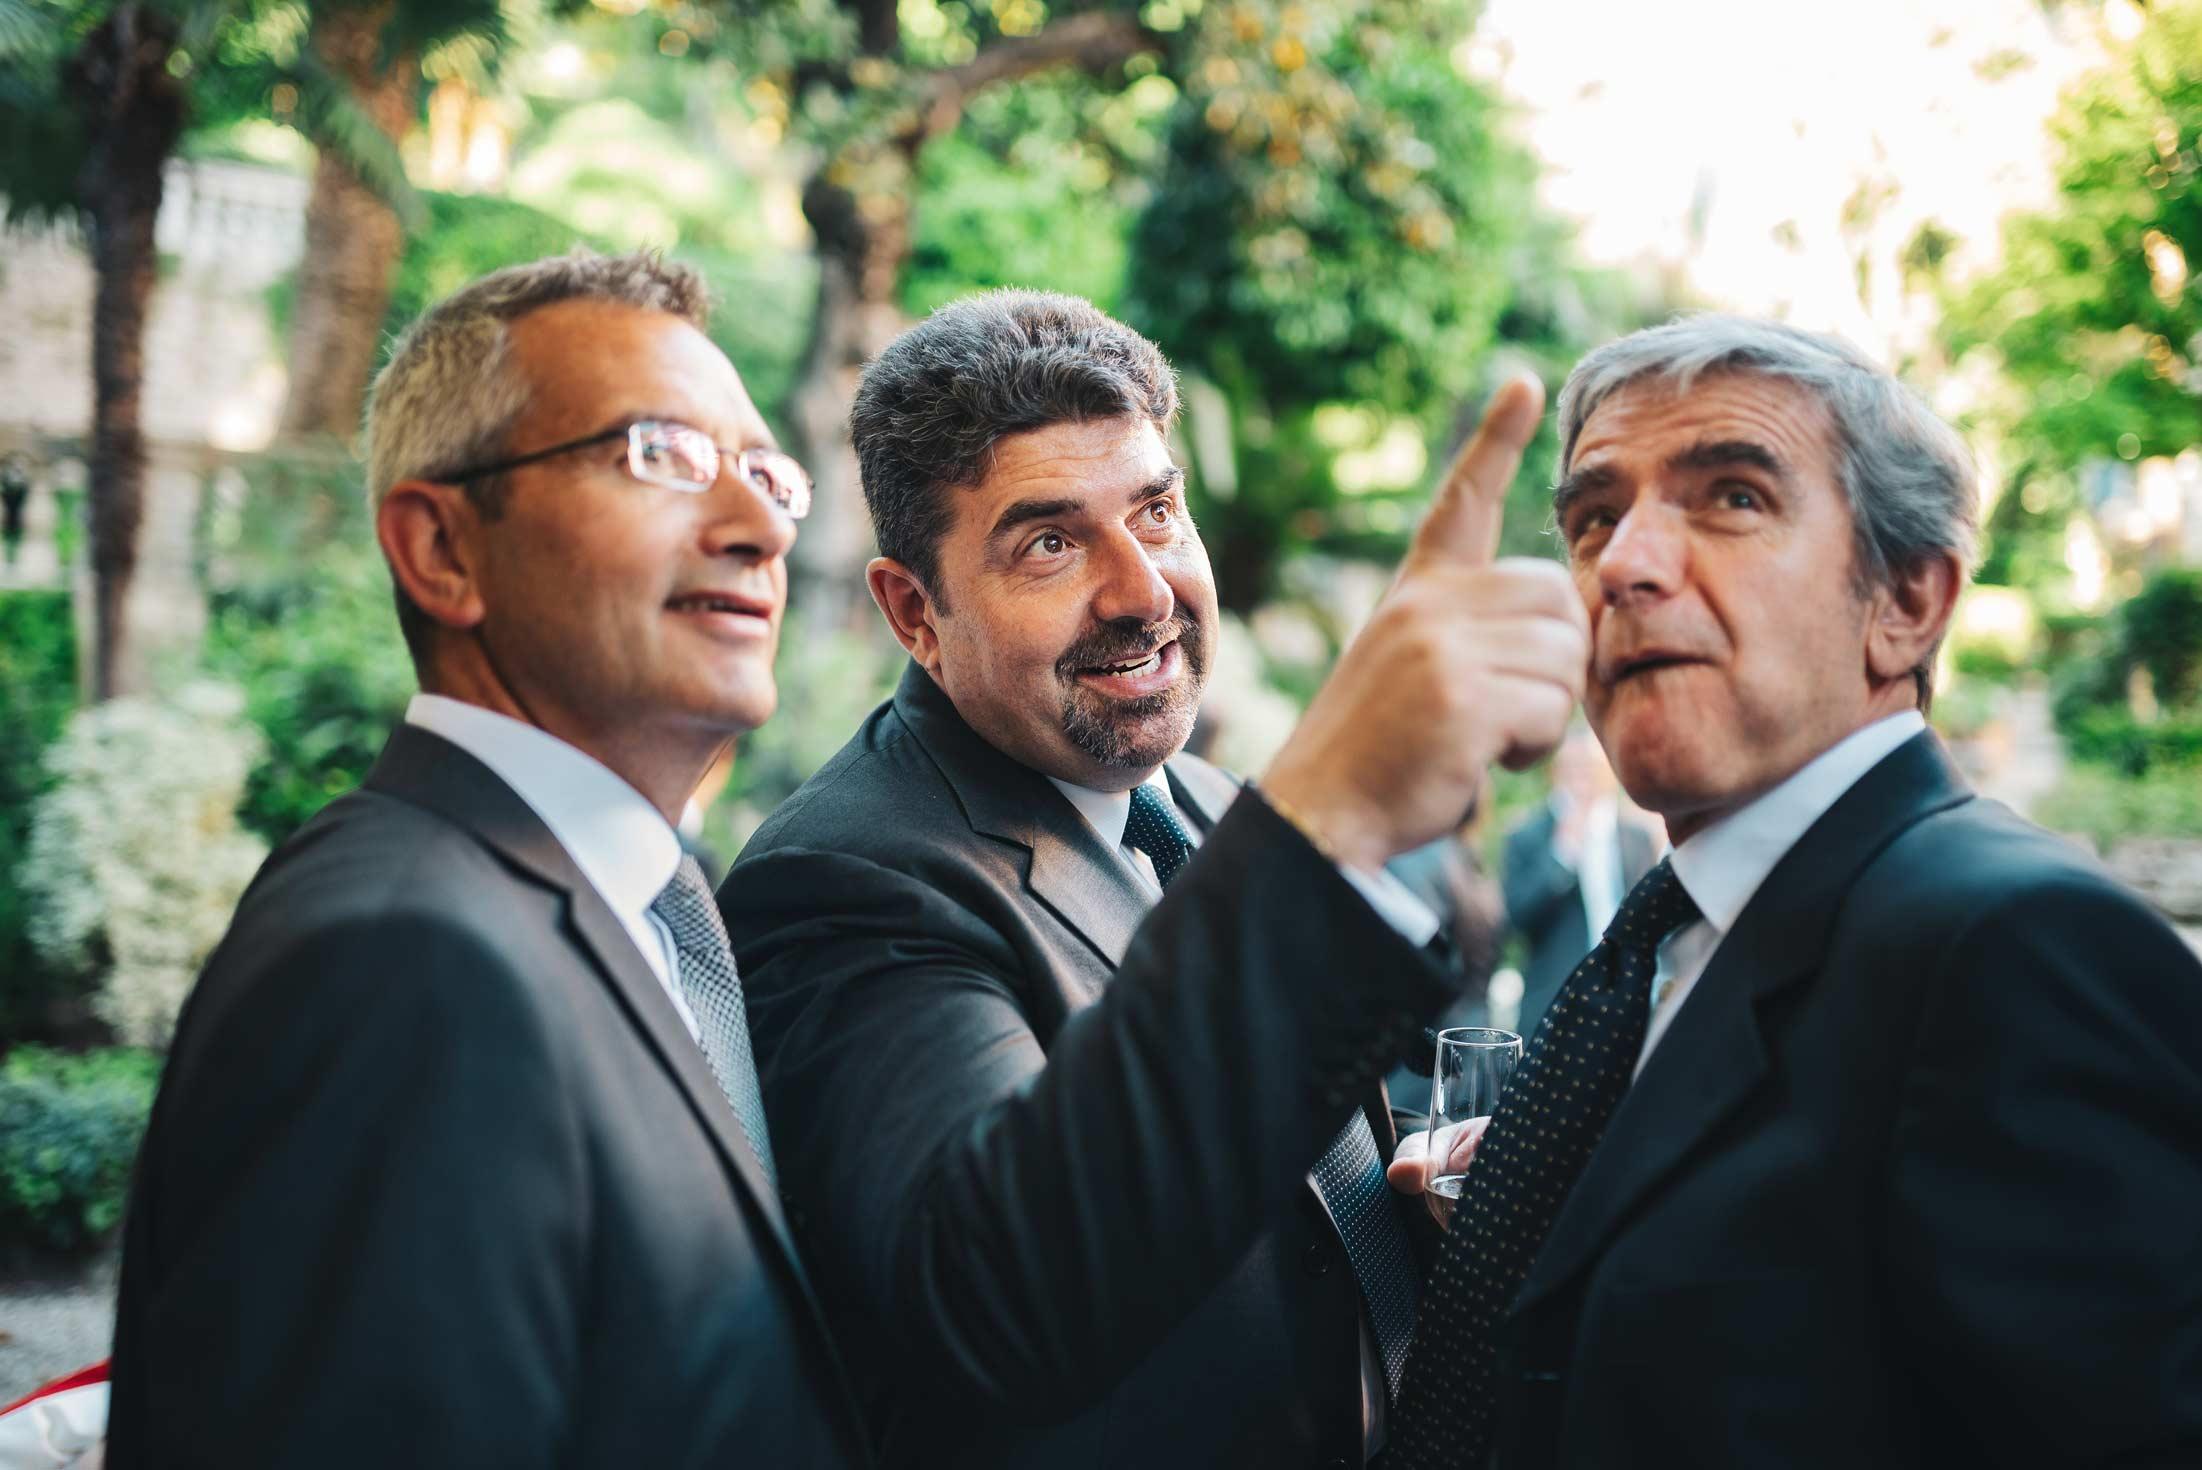 Fotografo-Di-Matrimonio-Roma-Reportage-Ricevimento